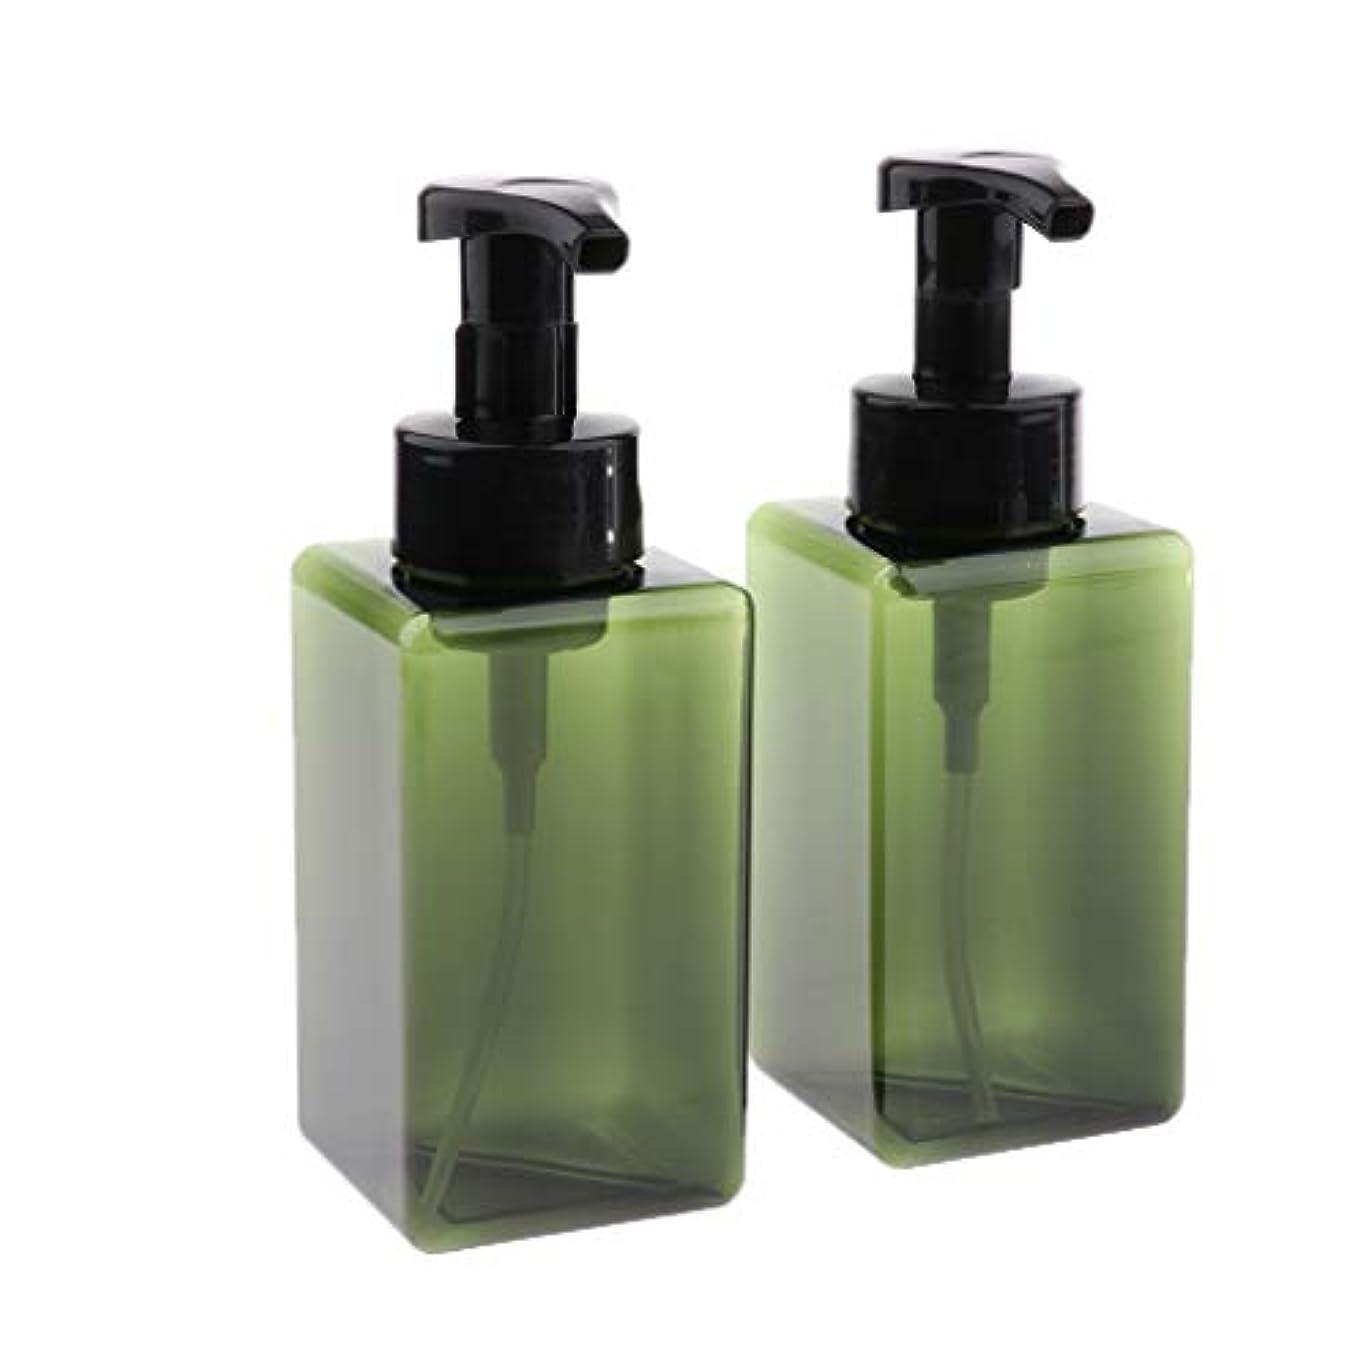 悲鳴食堂統計CUTICATE 2個 450ml 小分けボトル 泡ポンプボトル 空ボトル ディスペンサー 詰め替え容器 旅行ボトル 全6色 - 緑